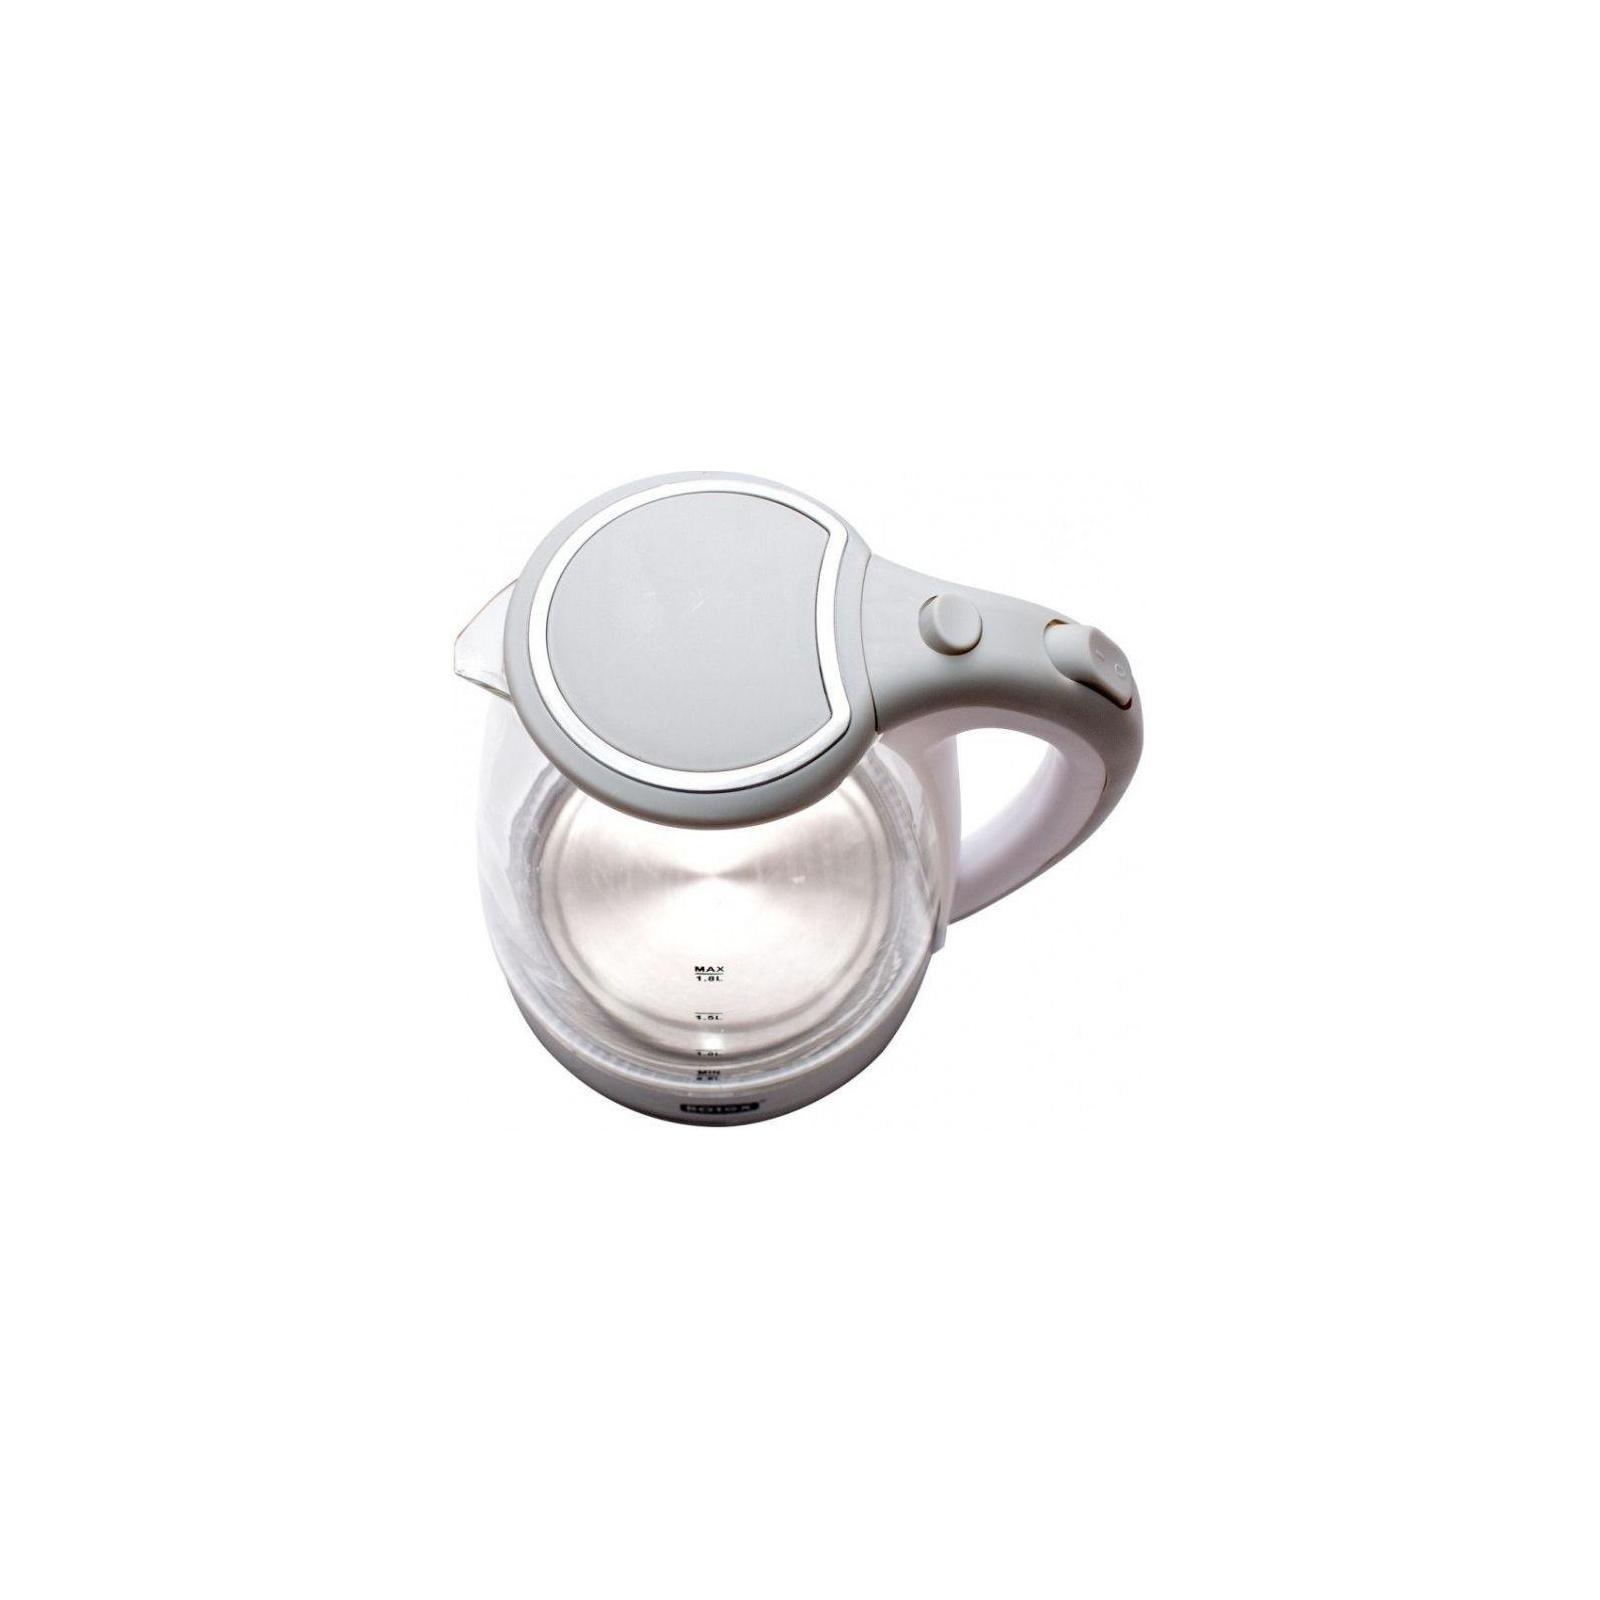 Электрочайник Rotex RKT20-M White изображение 2